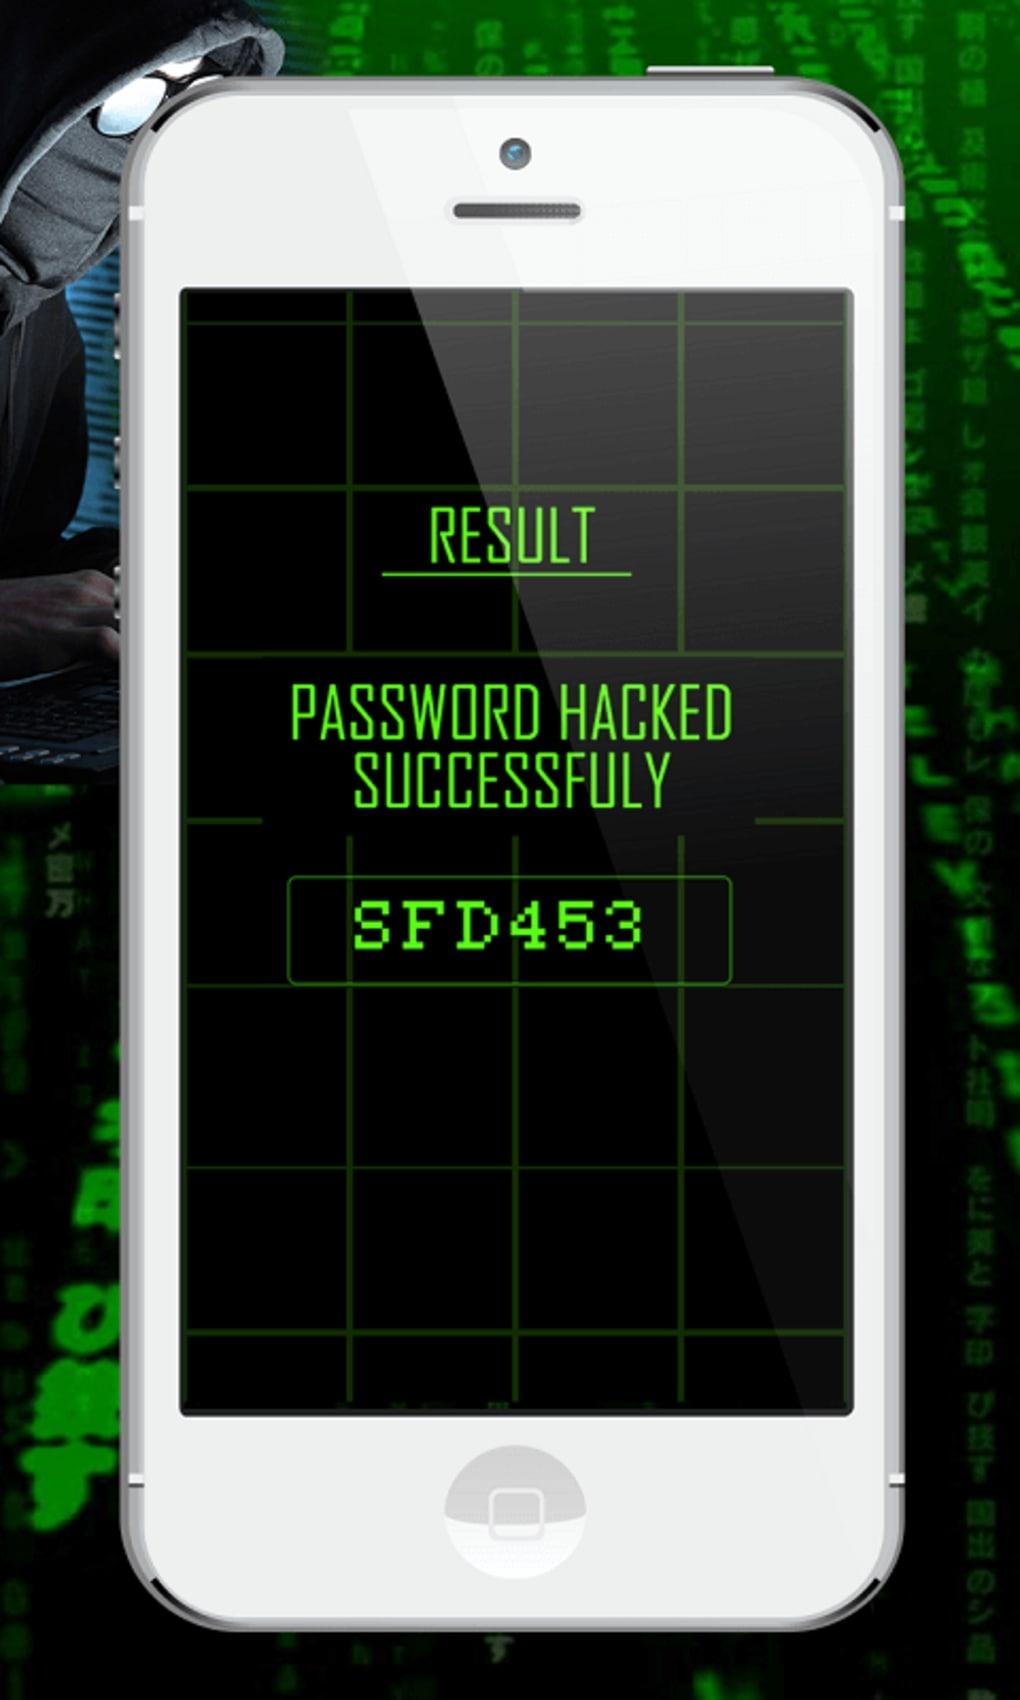 wifi password cracker app download